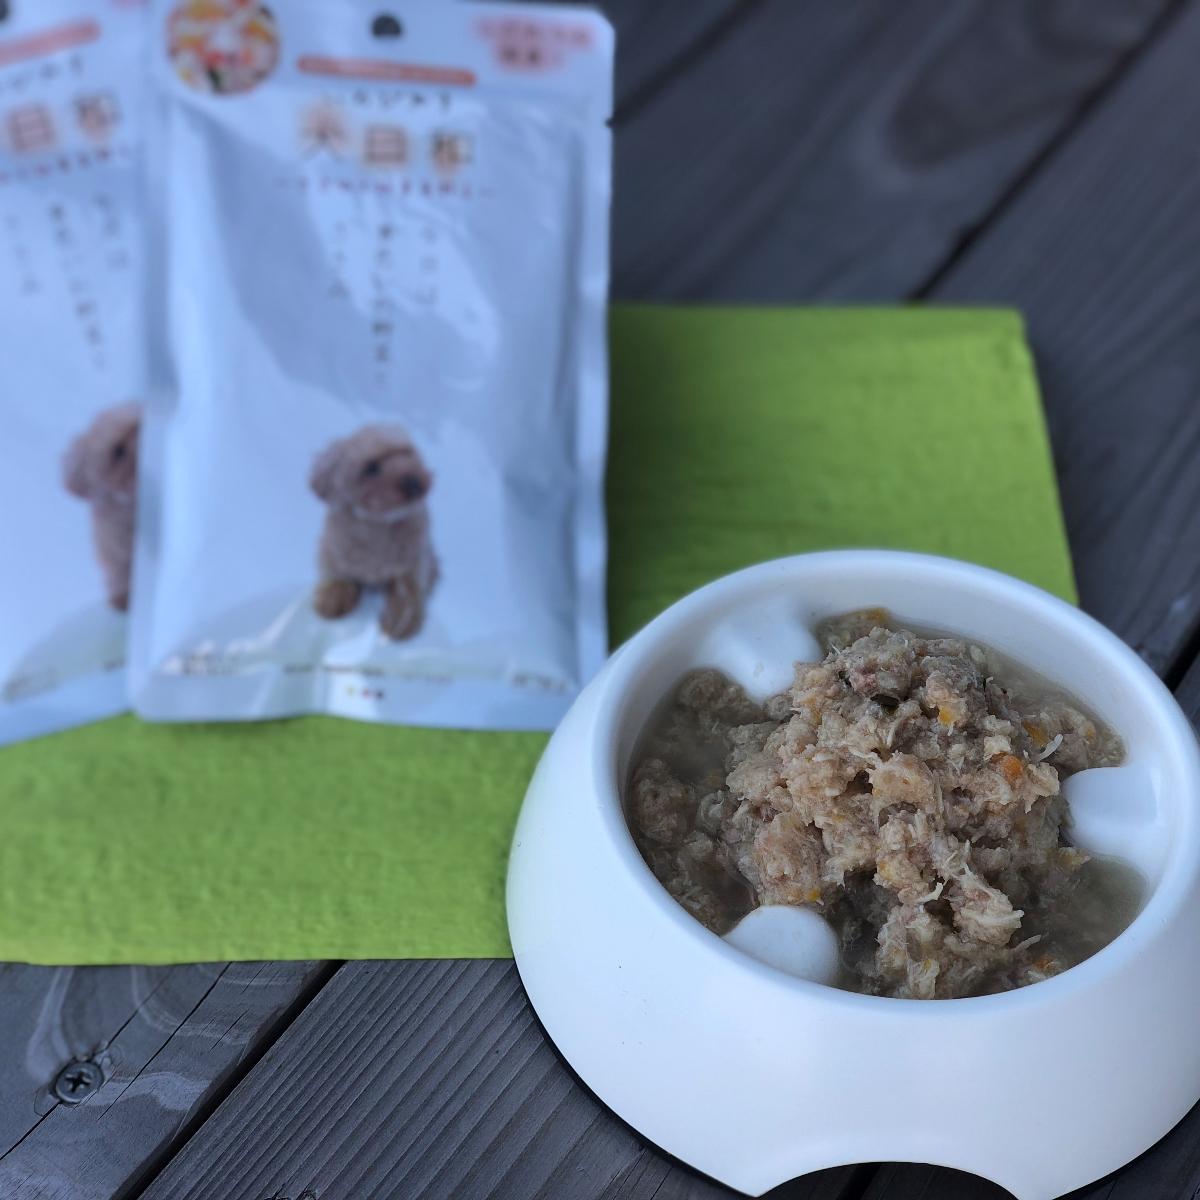 【ふるさと納税】WNW21 産地直送!わんちゃんへ「犬日和 レトルト ささみと野菜」